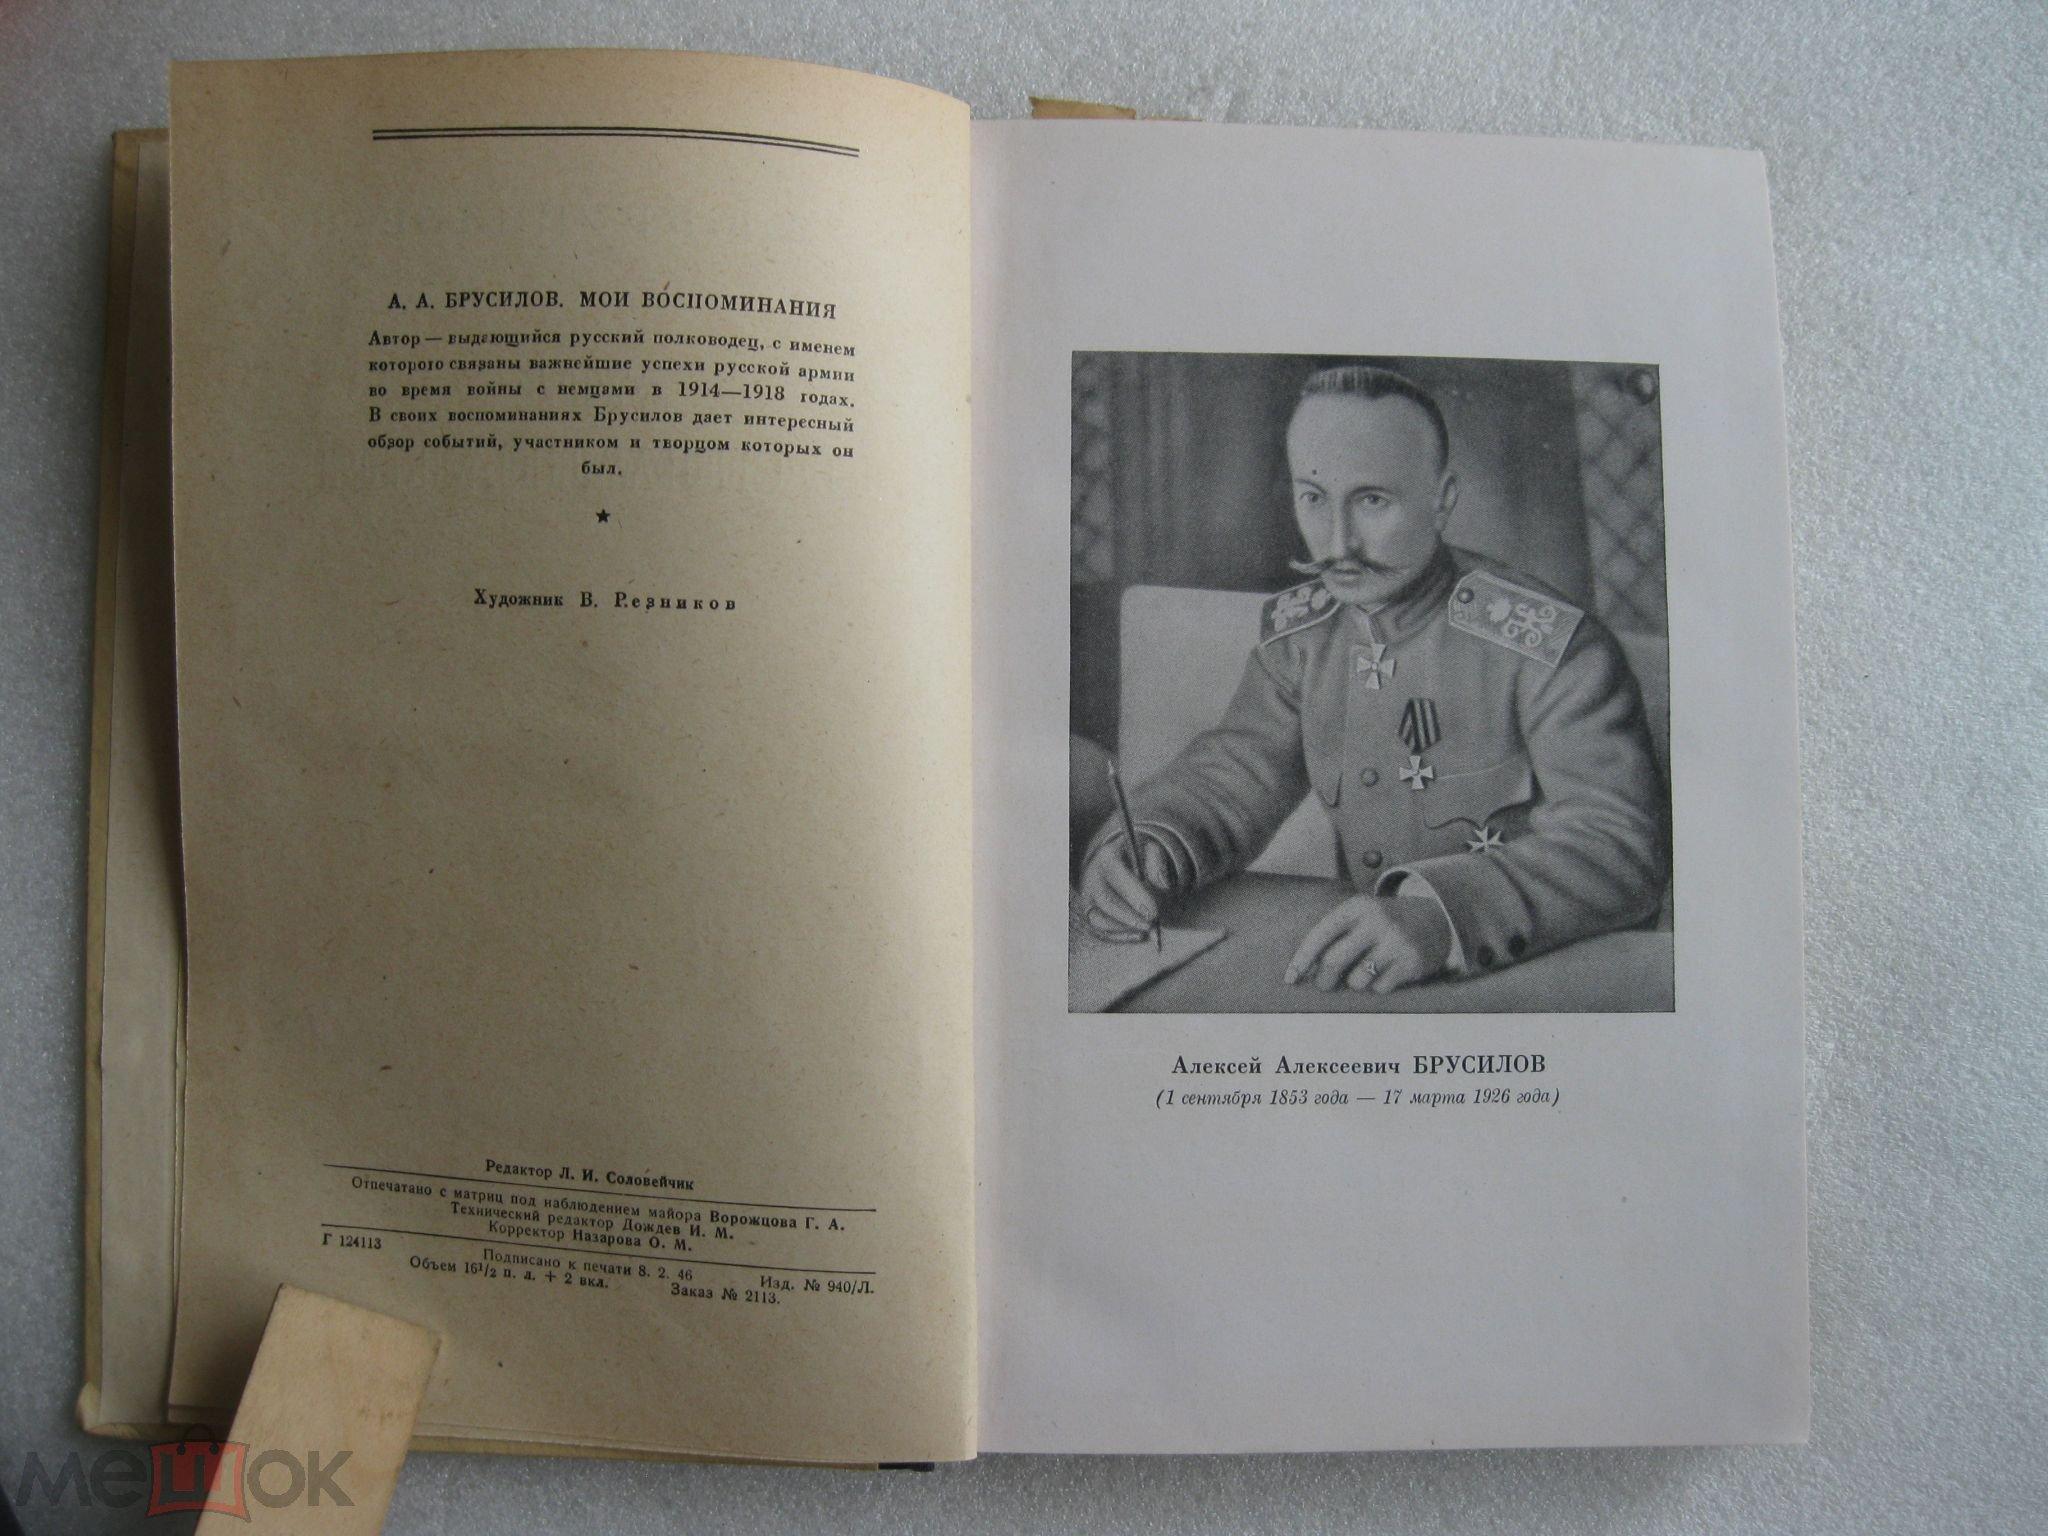 А.А.Брусилов Мои воспоминания. 1946 г. Отличное состояние!